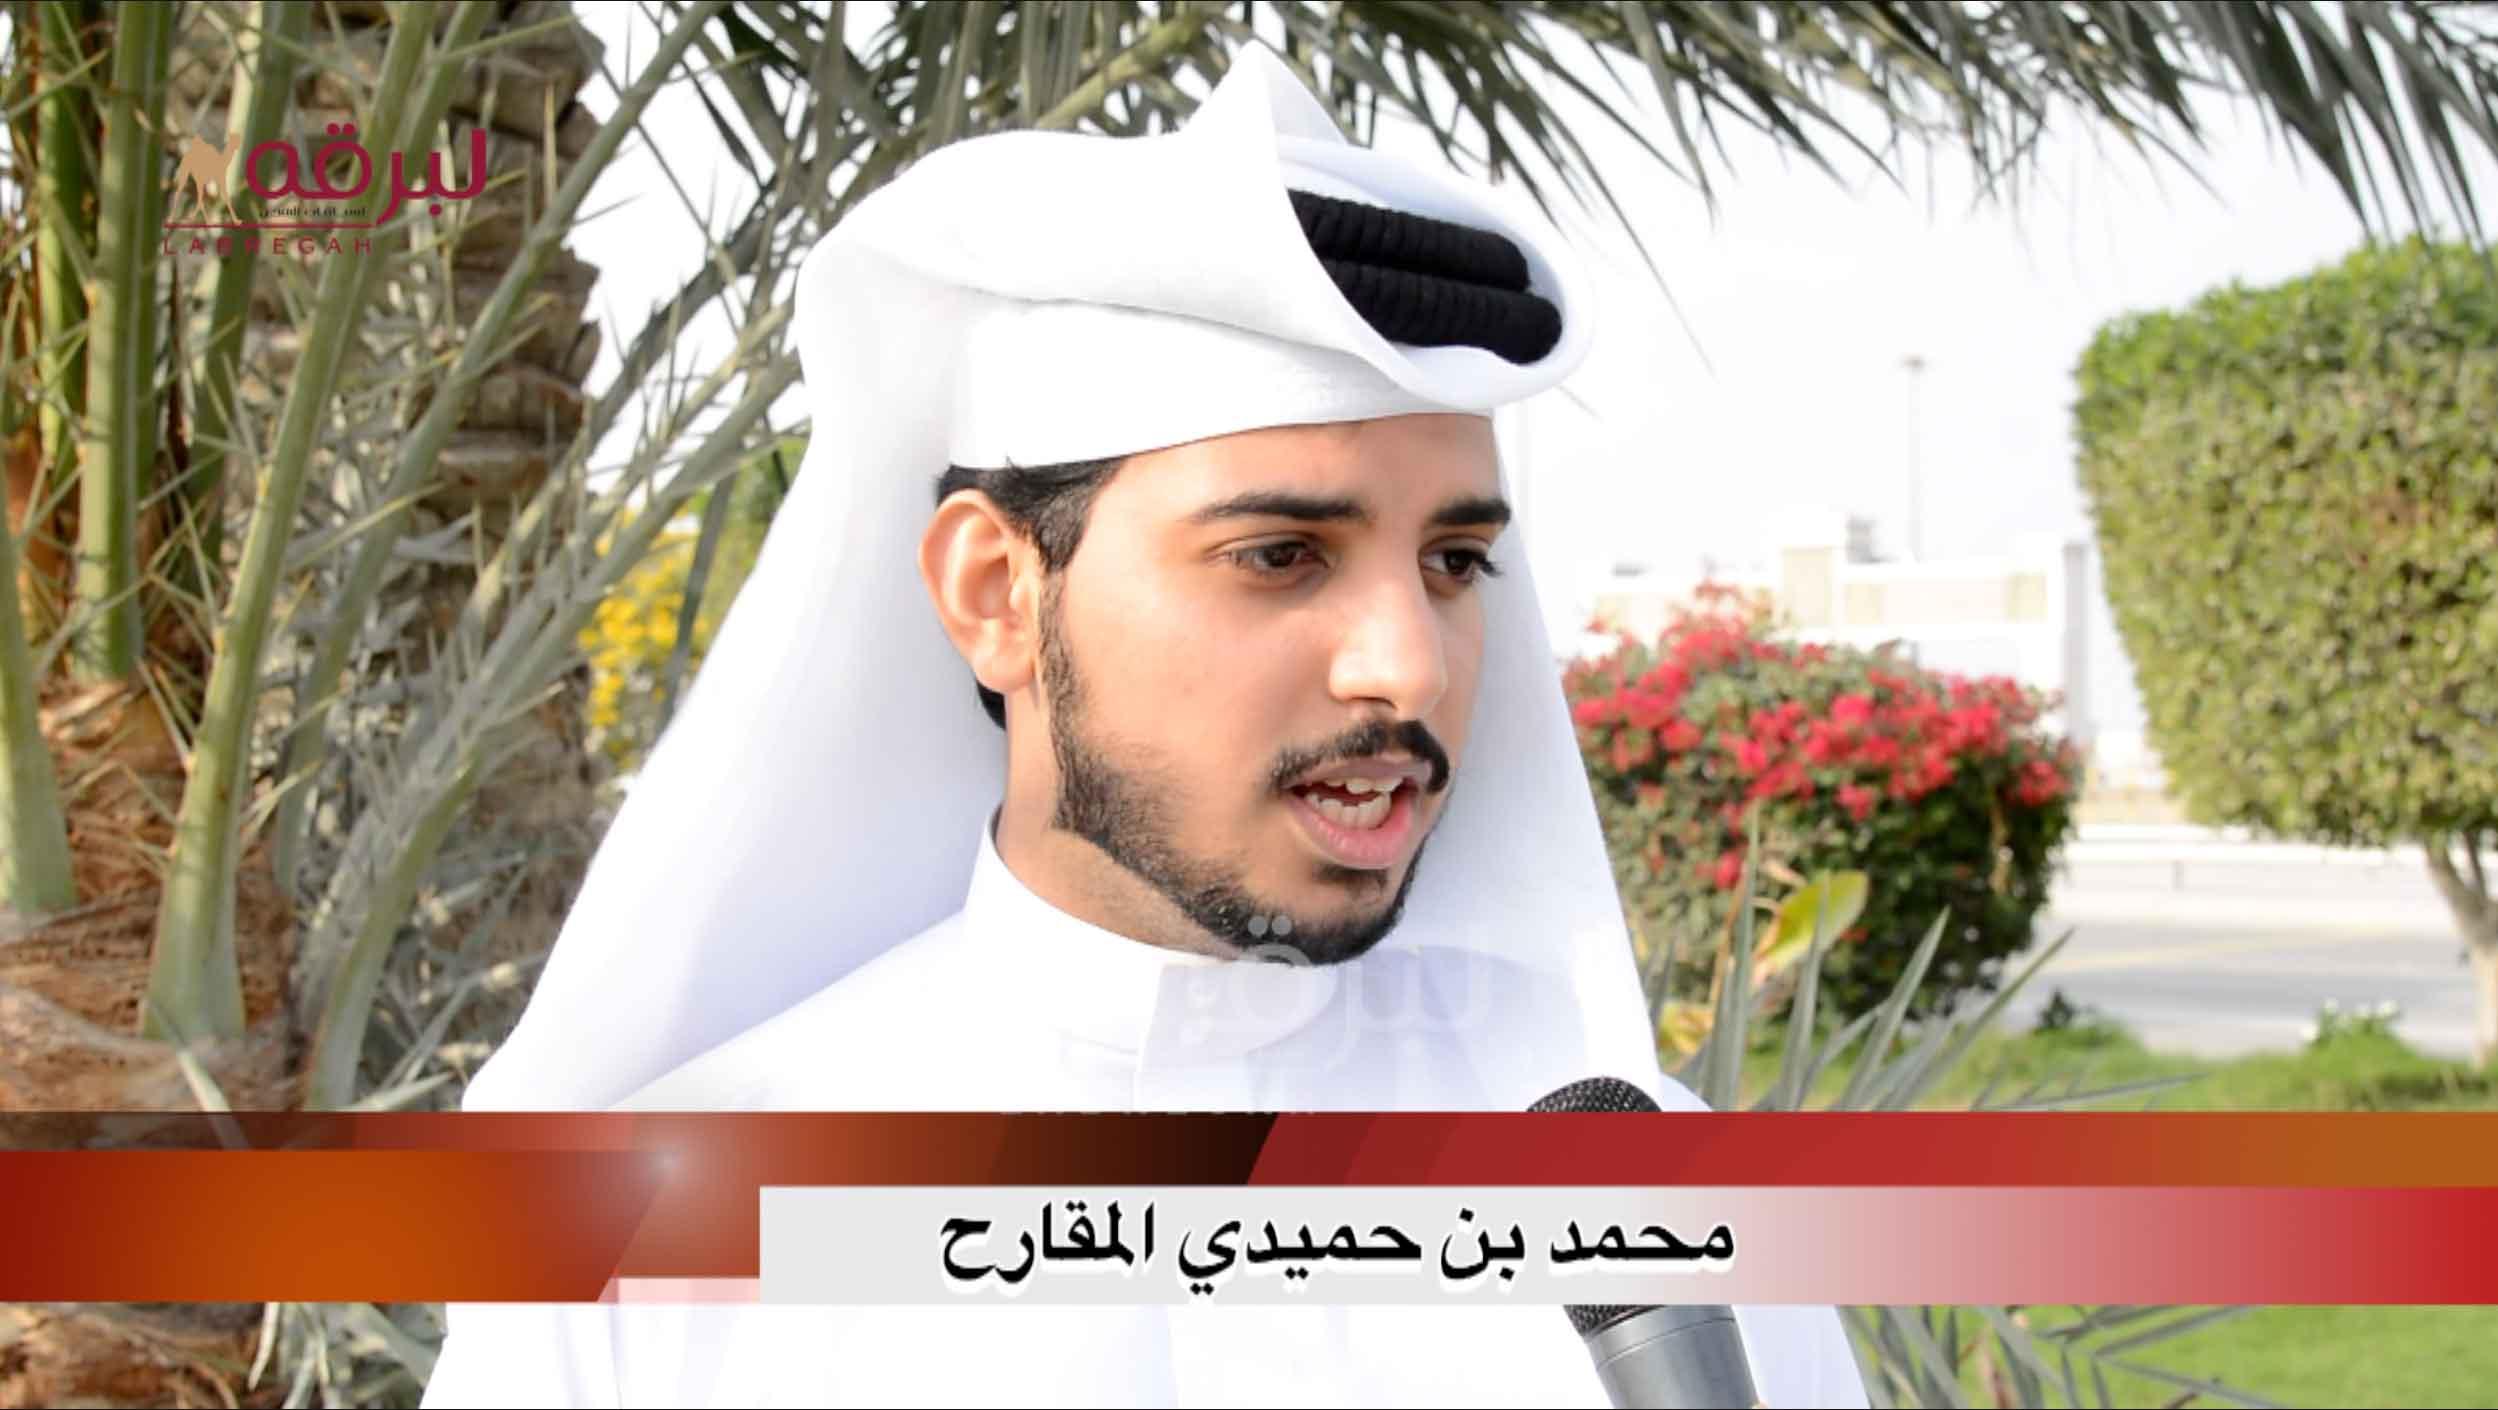 لقاء مع محمد بن حميدي المقارح.. الشوط الرئيسي حقايق بكار « مفتوح » الأشواط العامة  ٢٥-٢-٢٠٢١